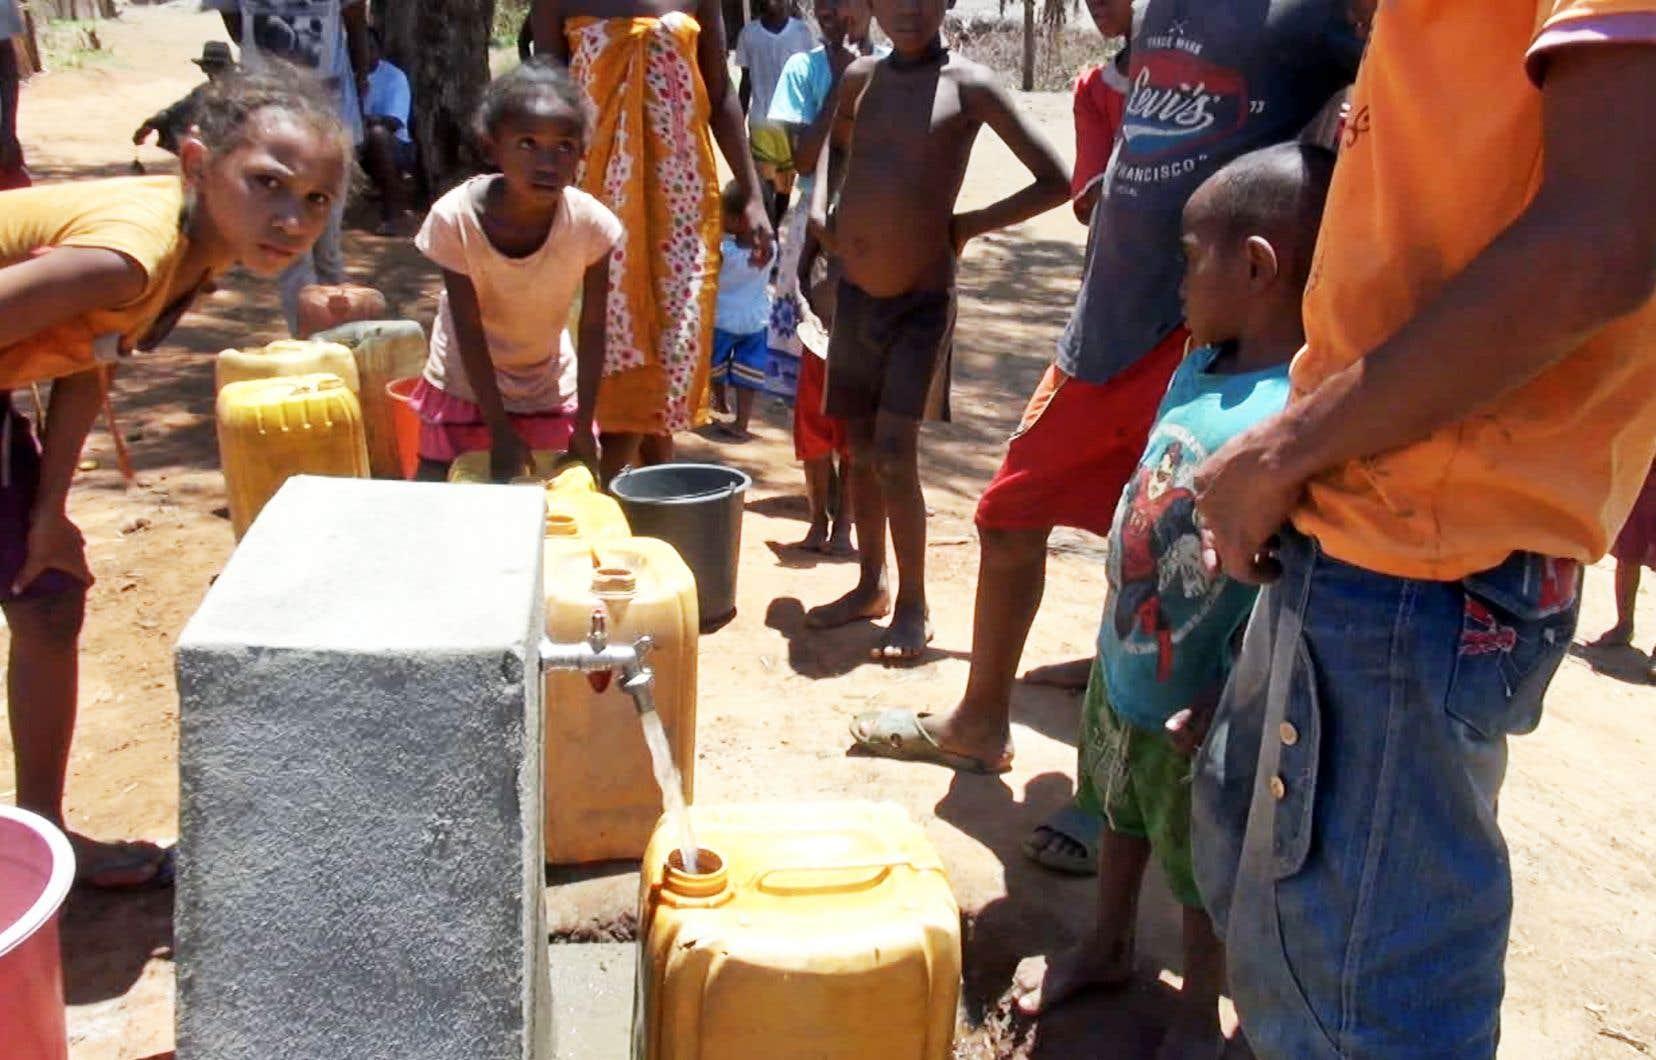 L'Institut de la Francophonie pour le développement durable a soutenu le projet Adduction d'eau potable à Ambesisika, à Madagascar. Dorénavant, les villageois peuvent bénéficier d'eau potable grâce à la rétrofiltration biologique.